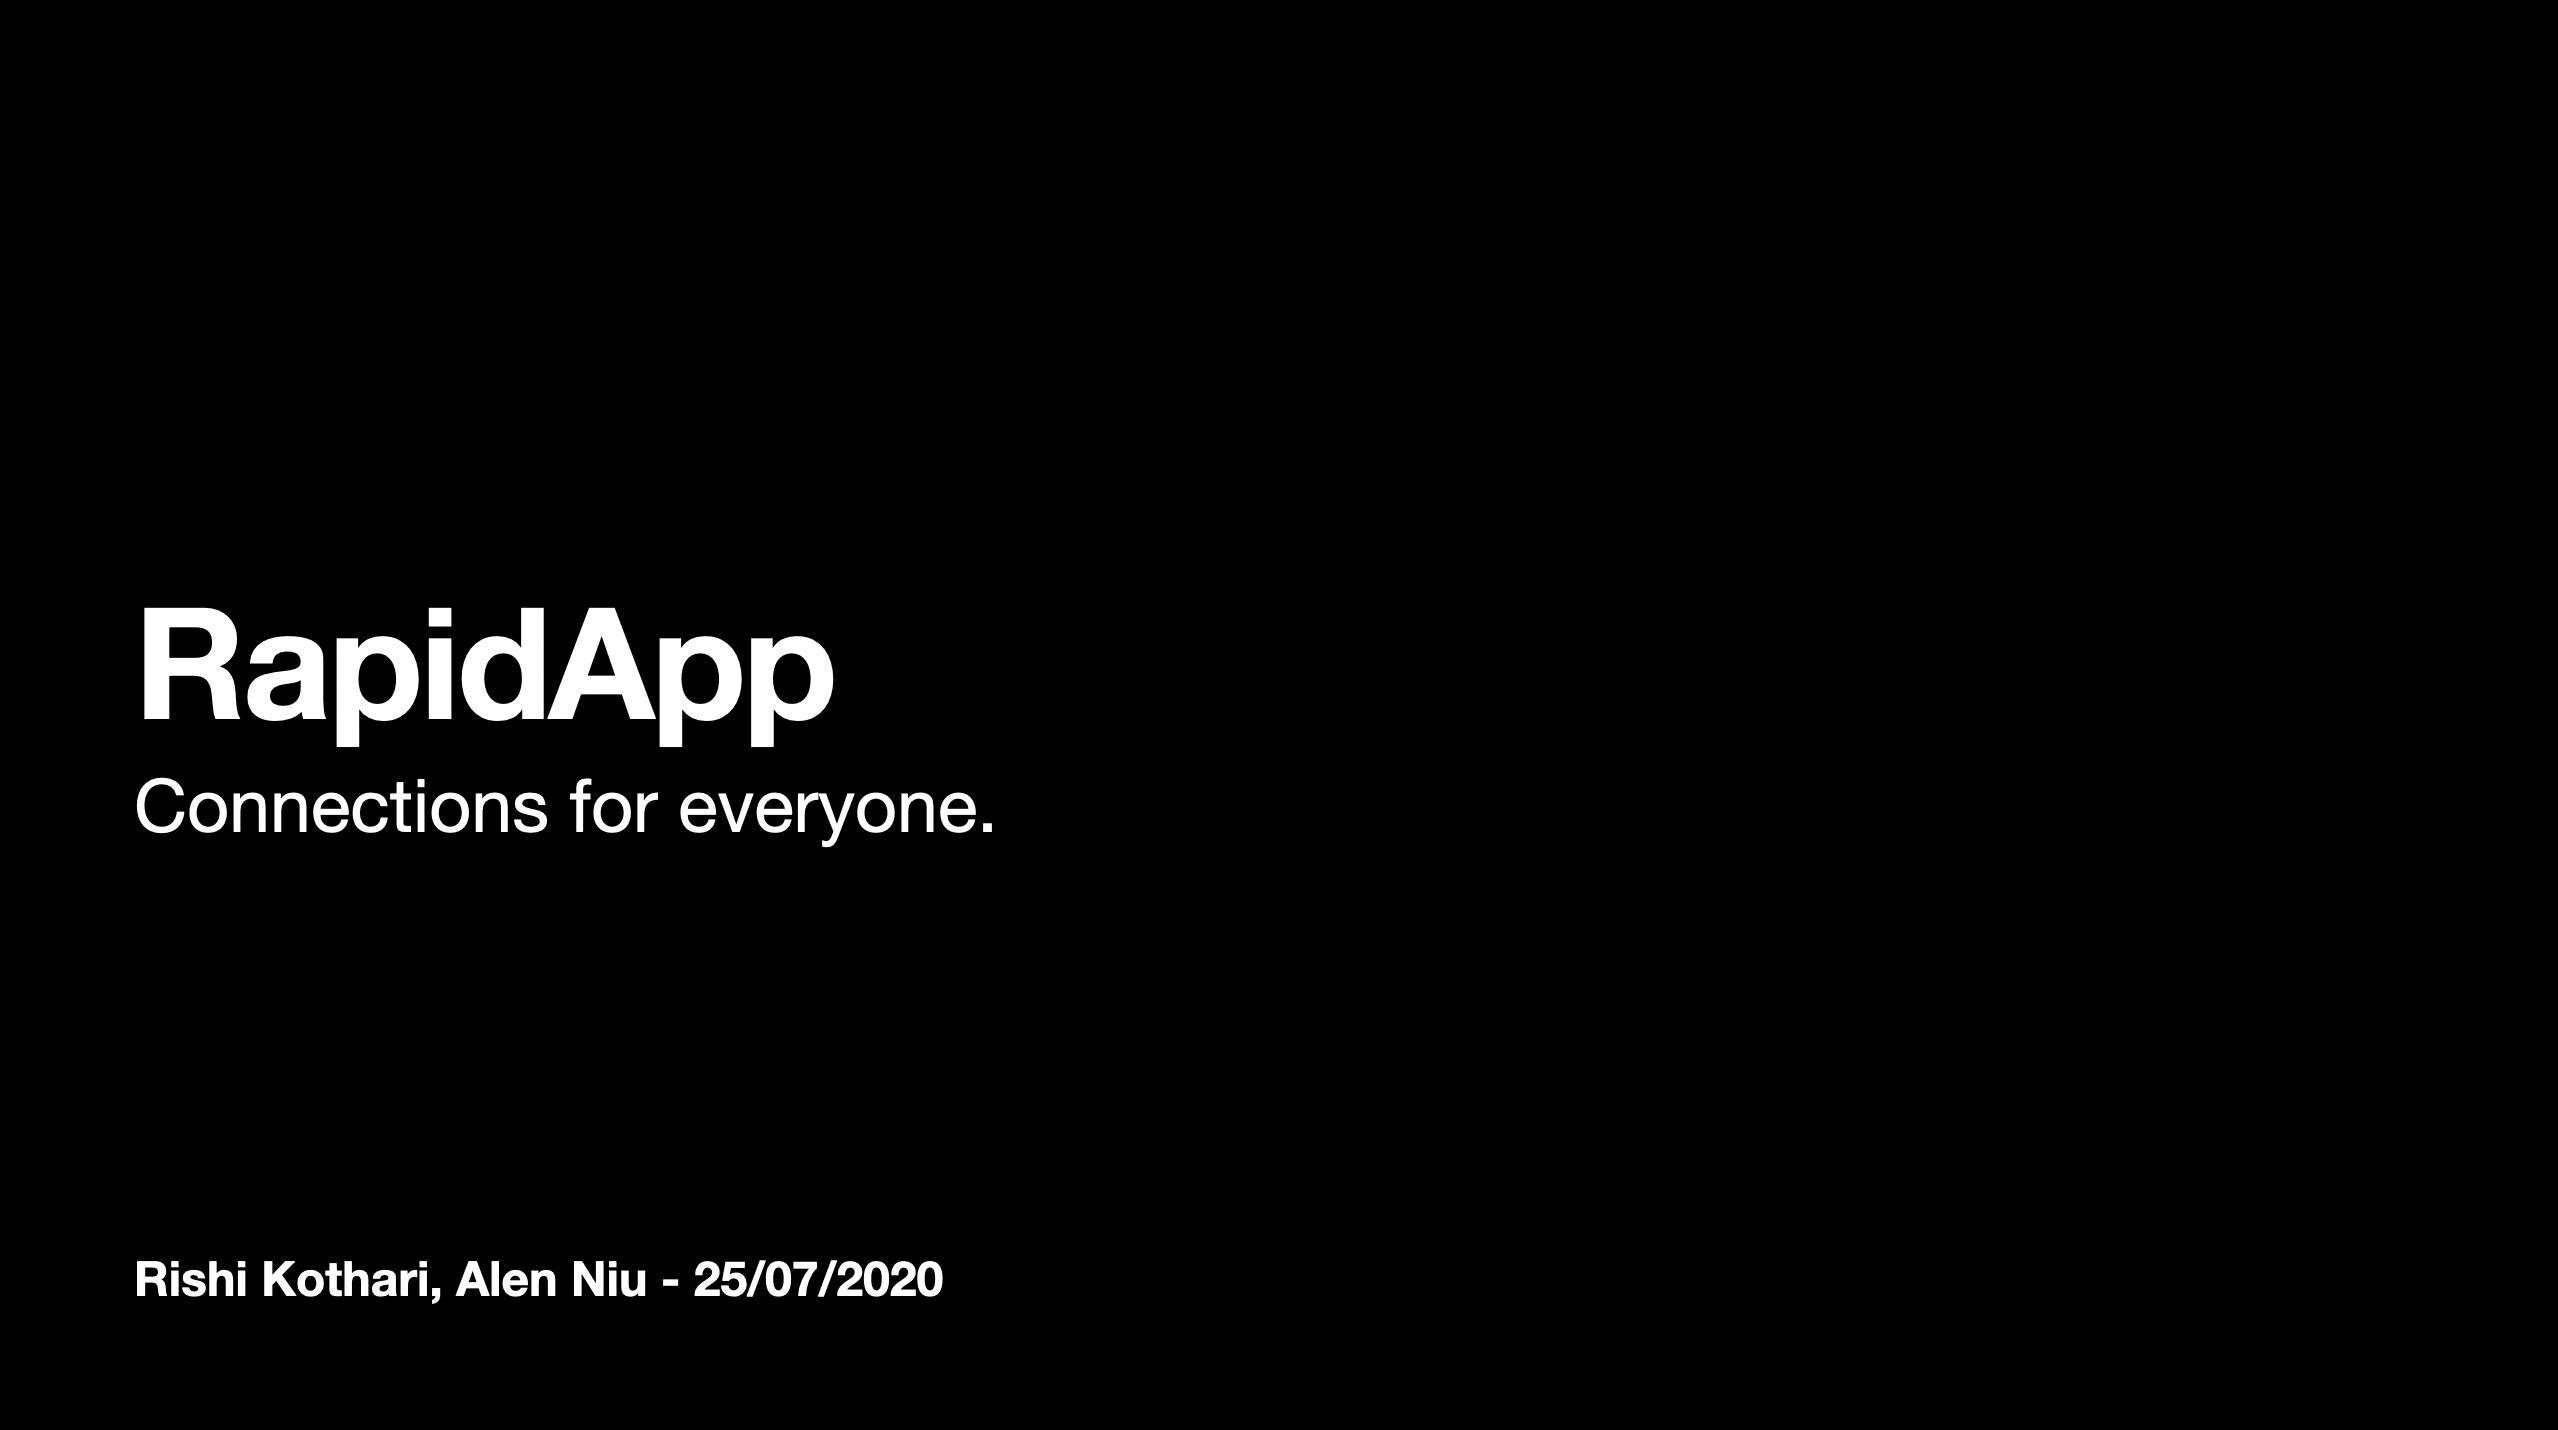 https://cloud-28rik2chd.vercel.app/0screen_shot_2020-07-24_at_1.01.54_pm.png